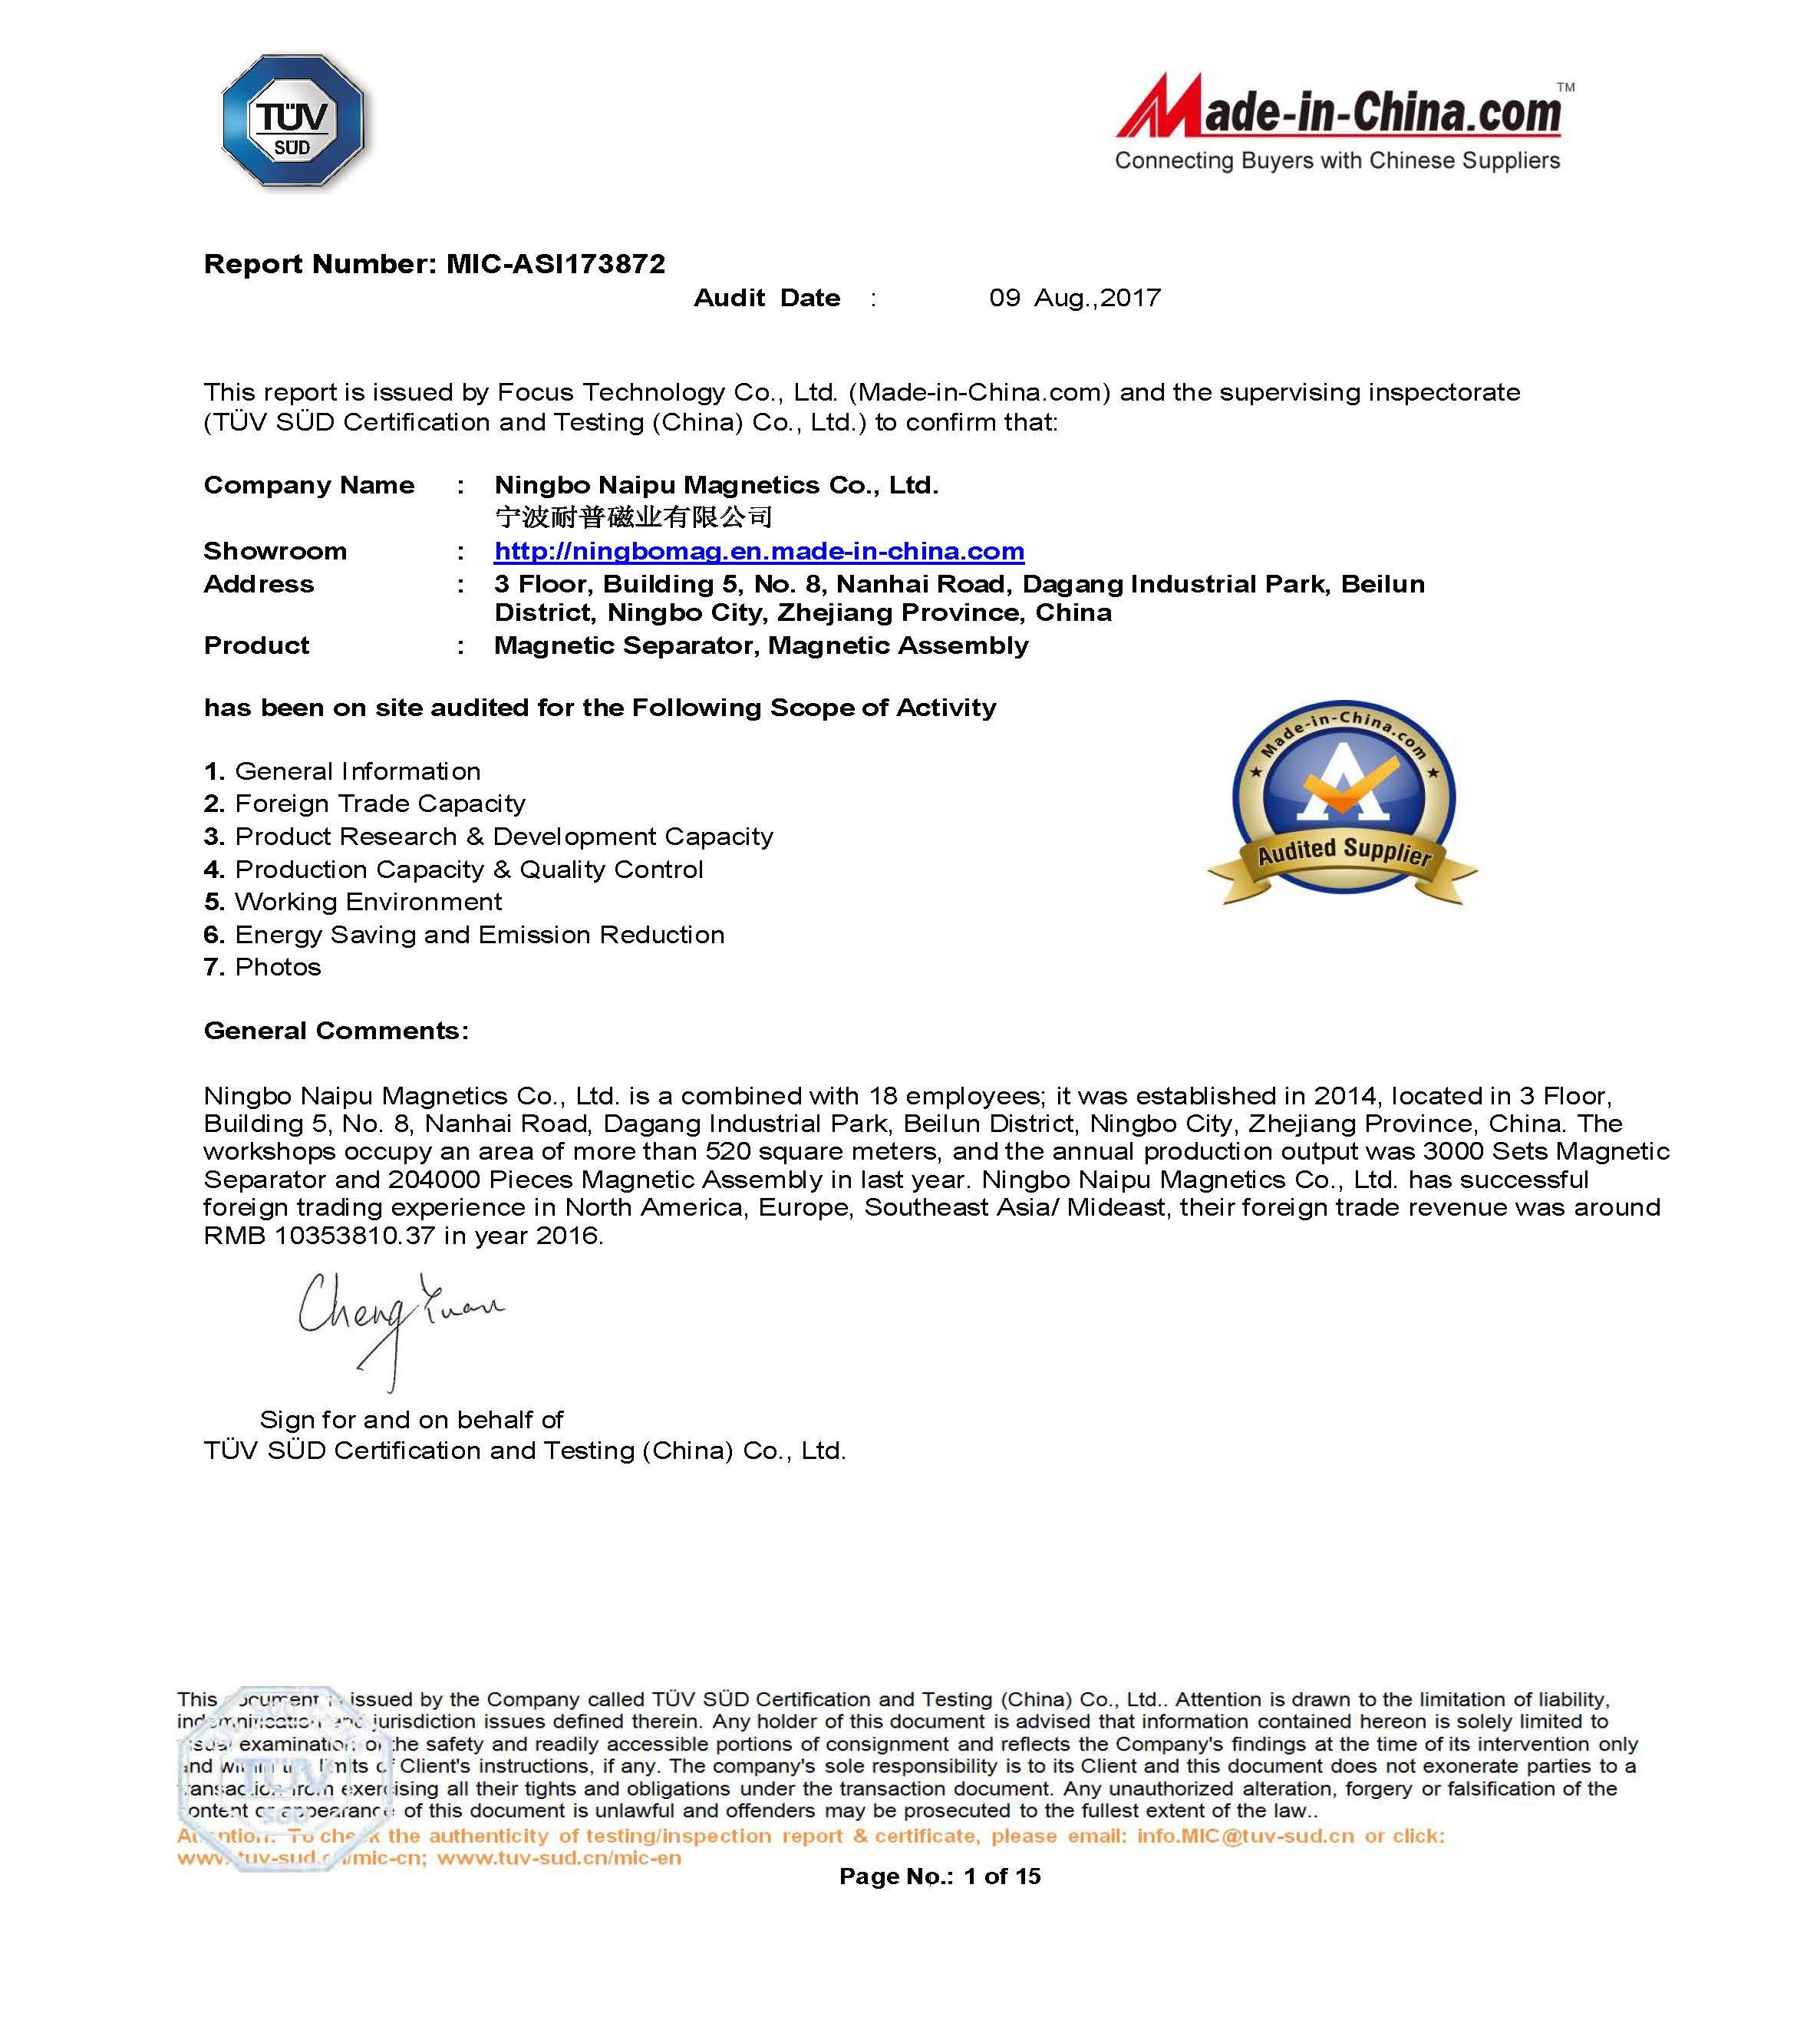 TÜV SÜD Certification